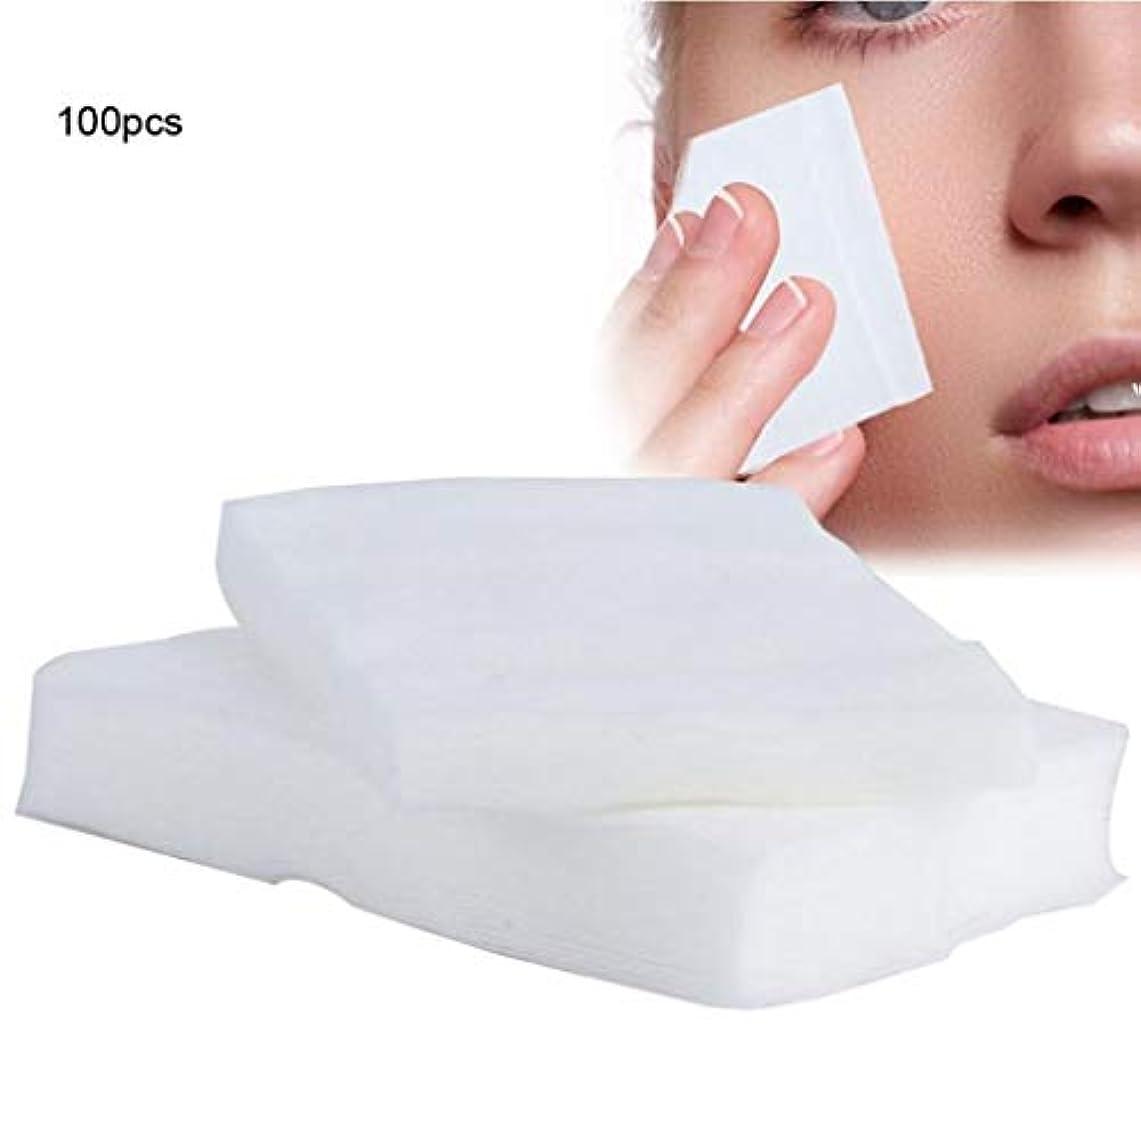 エスカレーター歌ベリークレンジングシート 100ピース化粧コットンパッド使い捨て化粧品リムーバーソフトフェイシャルクレンジングワイプペーパータオルメイクアップリムーバーワイプ (Color : White, サイズ : 6*7cm)